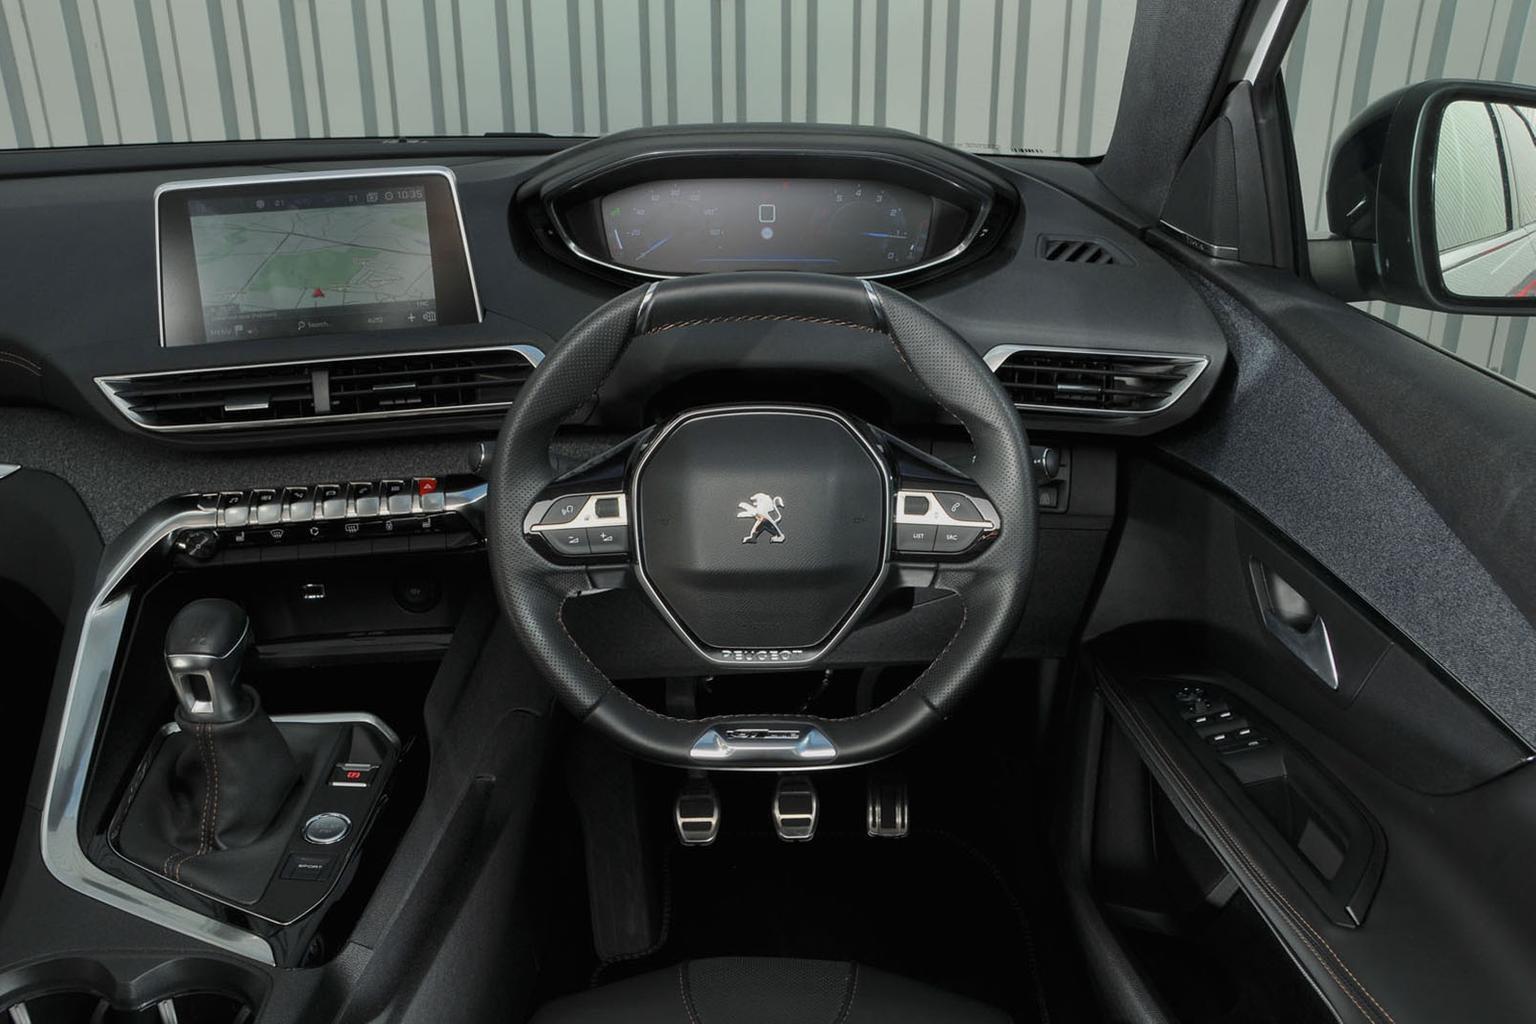 Peugeot 5008 Puretech 1.2 Puretech 130 Allure - interior